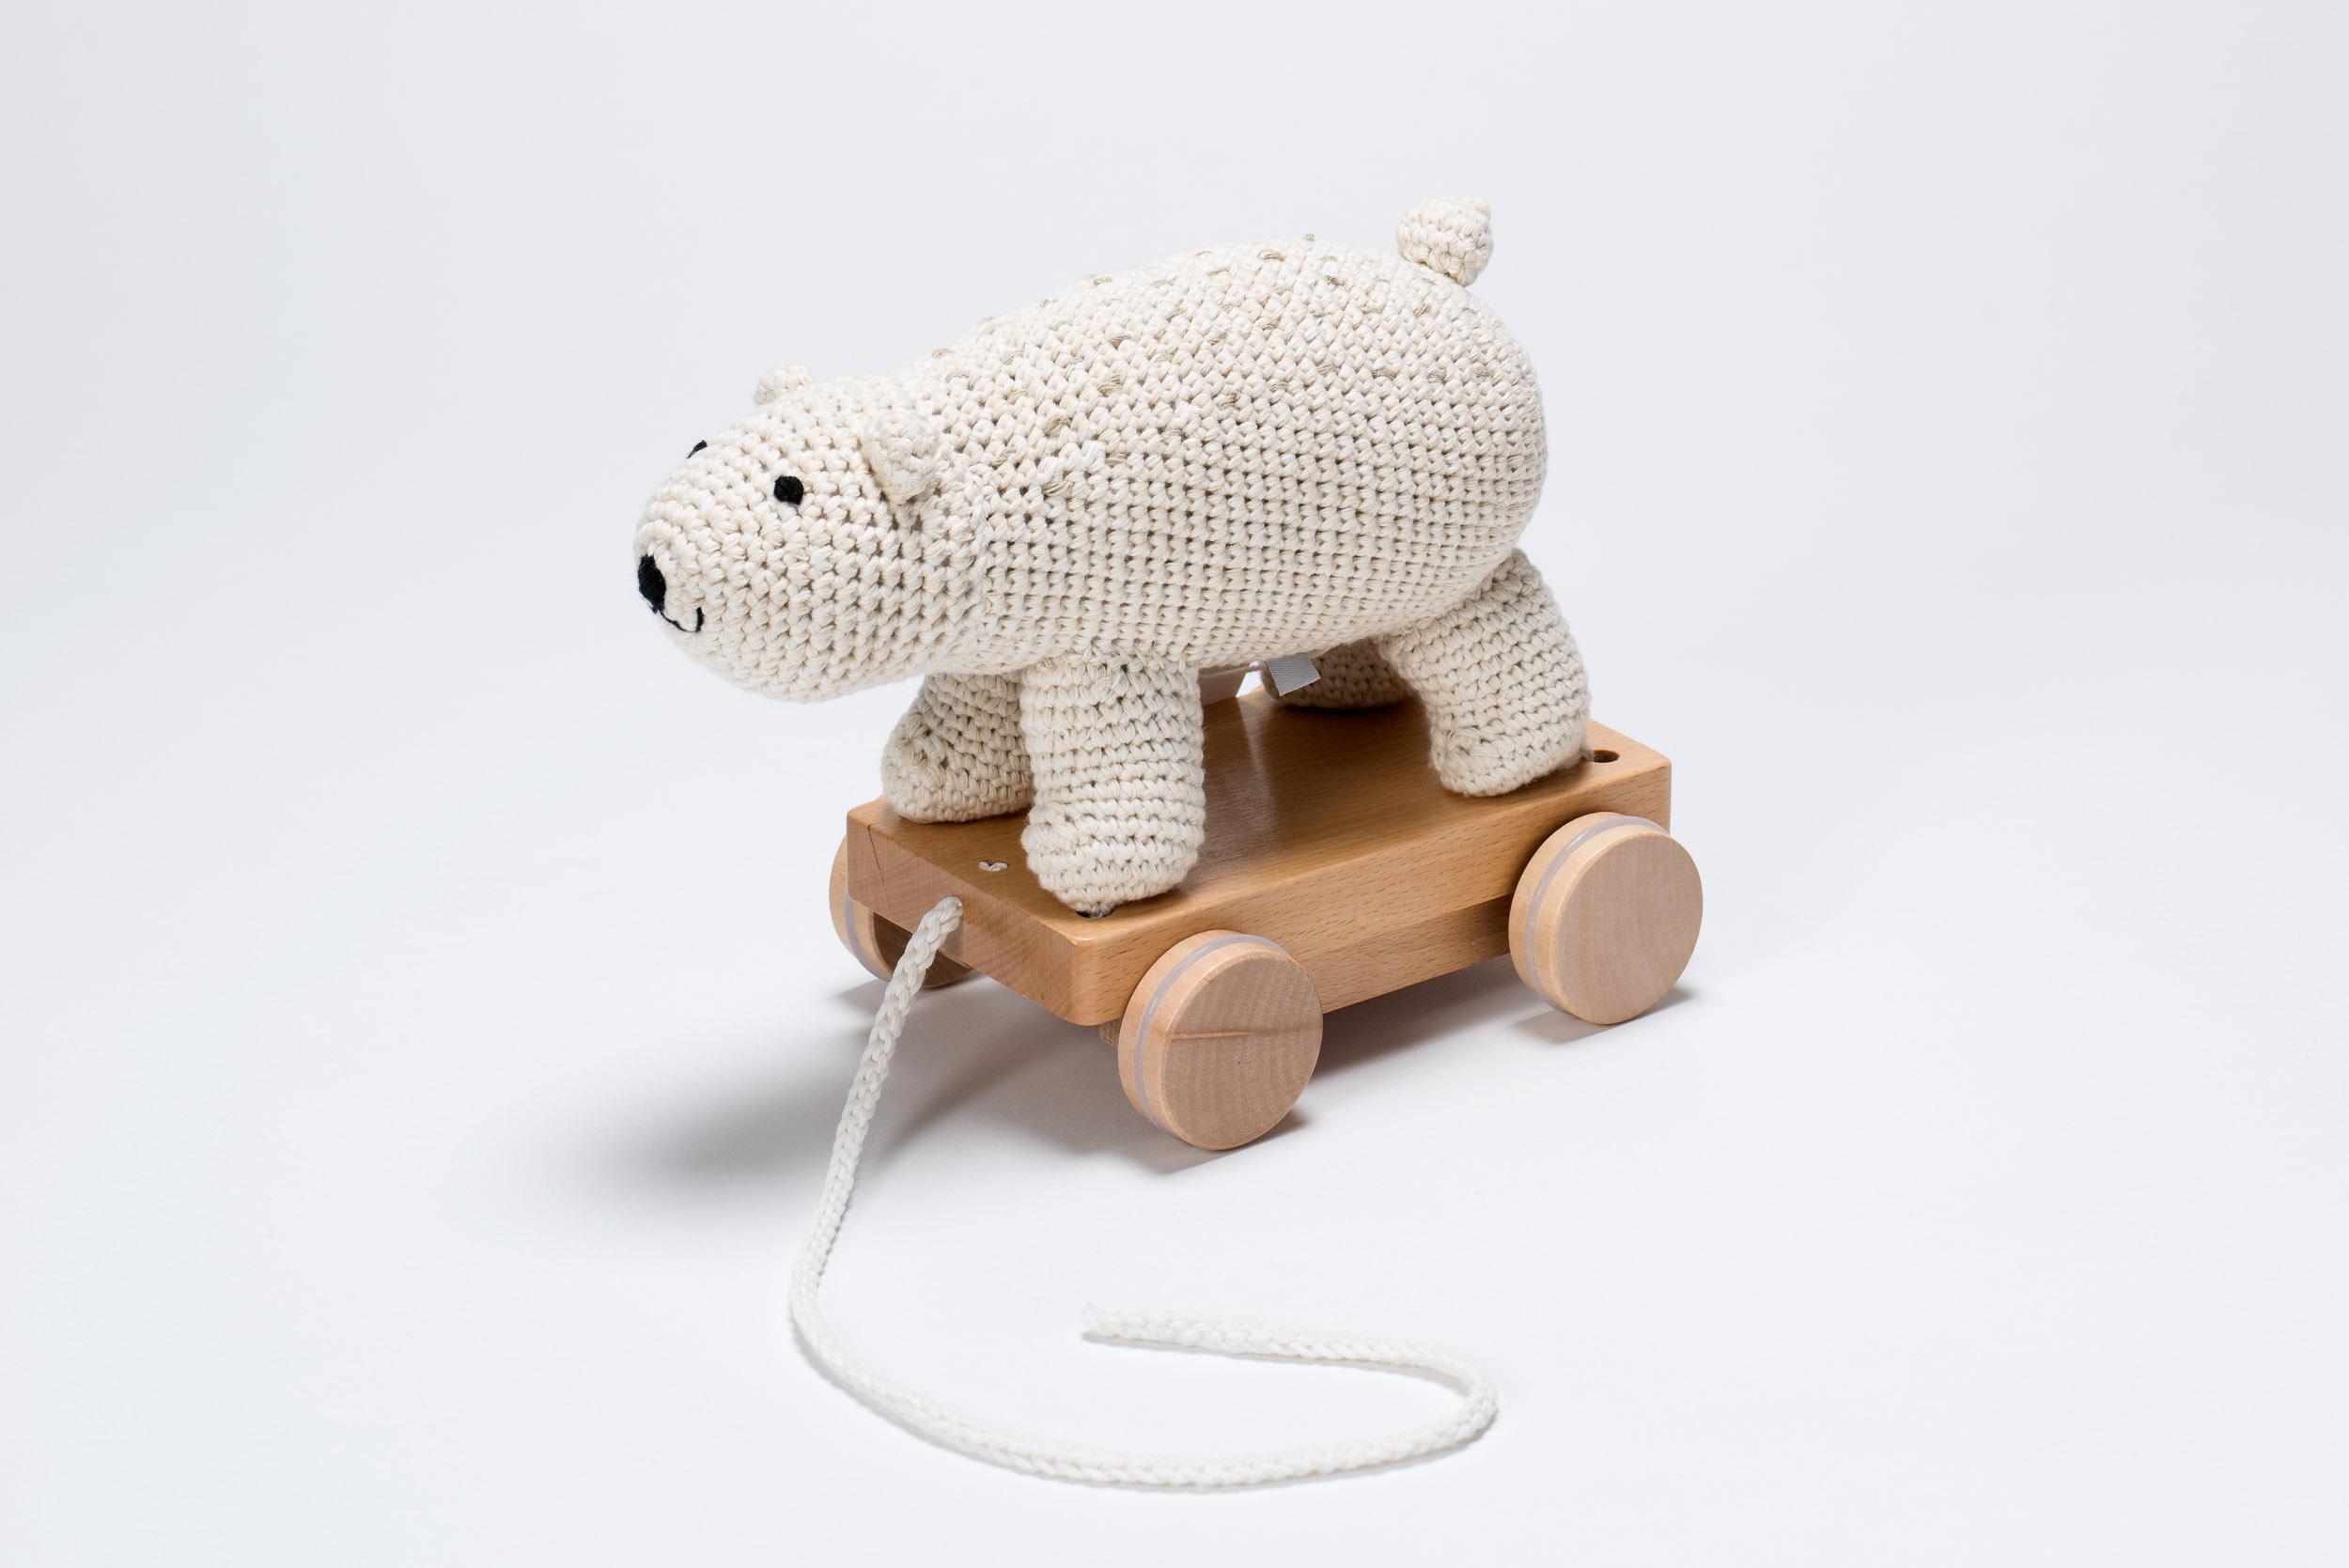 Nachziehtiere sind ein echter Spielzeugklassiker. Der Eisbär ist allerdings besonders süß.